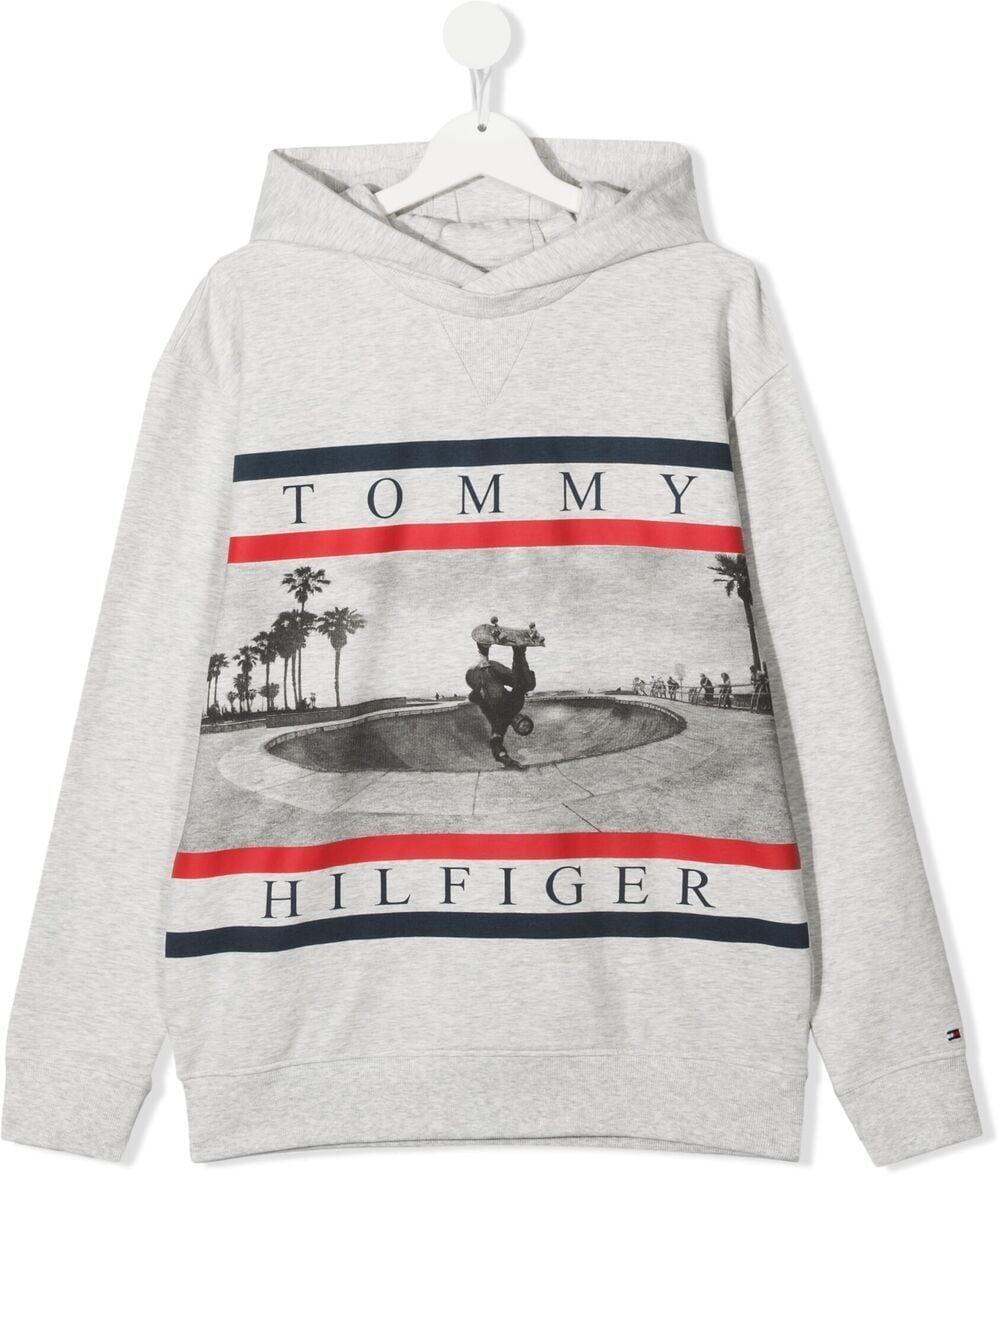 TOMMY HILFIGER | Sweatshirt | KB0KB06574PZ1T